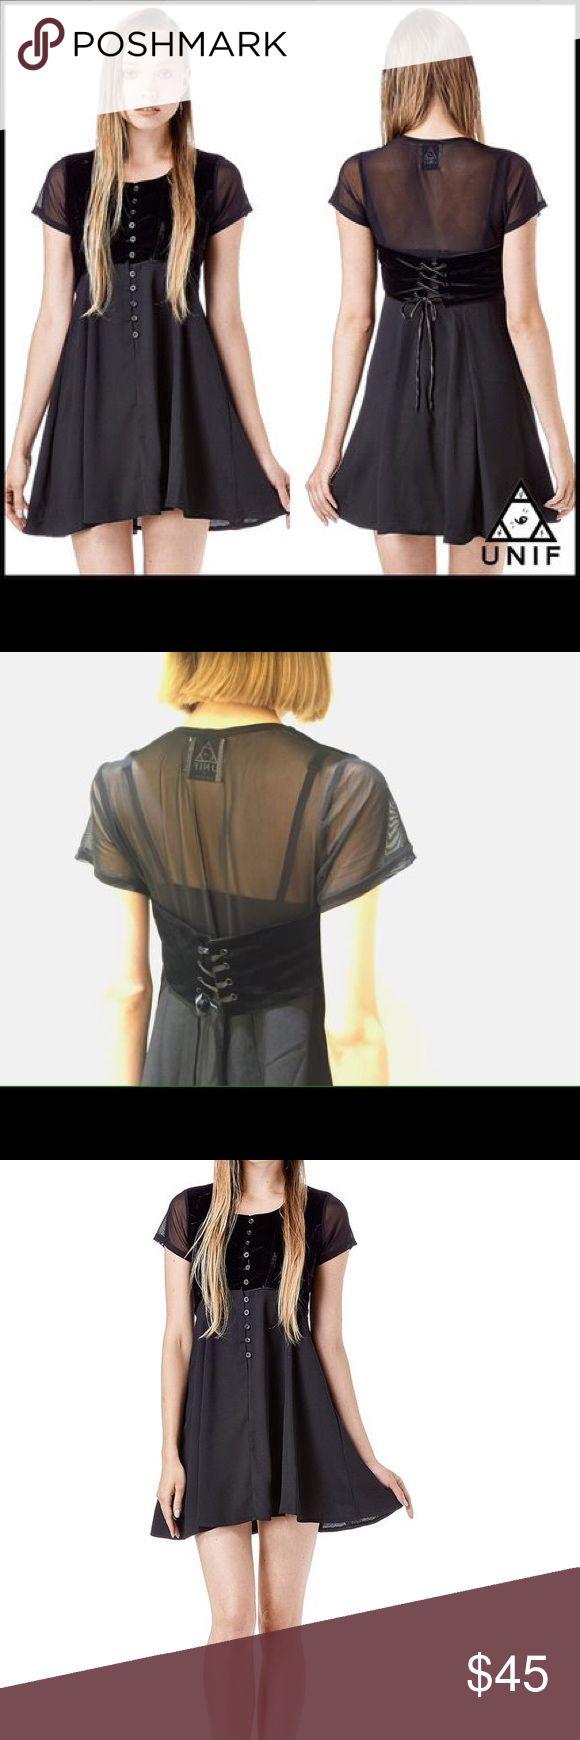 Black velvet button up dress Black velvet mesh dress size large, brand new UNIF Dresses Midi